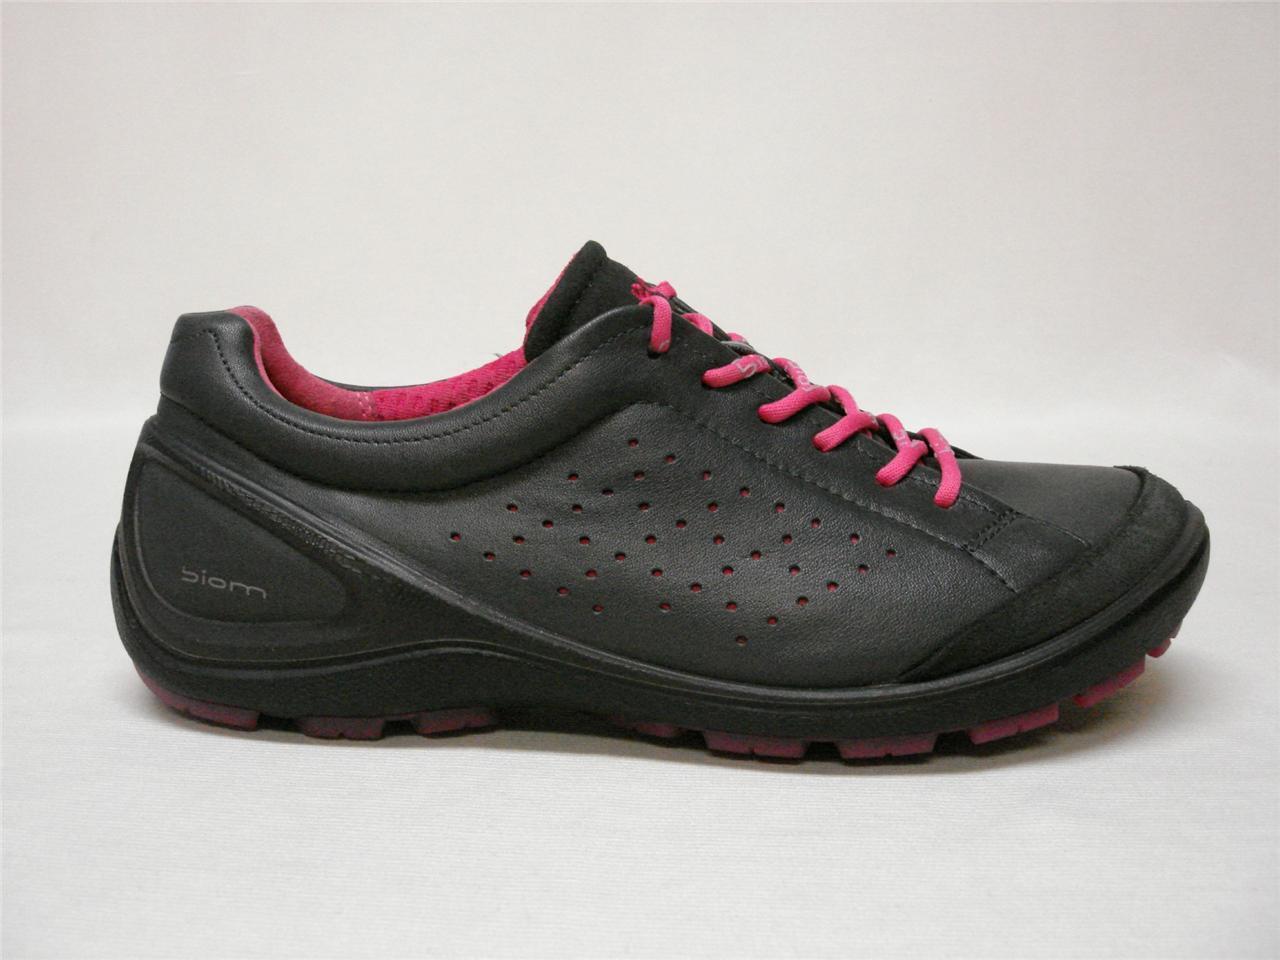 NIB ECCO BIOM TRAIN donna donna donna scarpe DARK SHADOW6-6.5AWESOME scarpe'S b9fedb